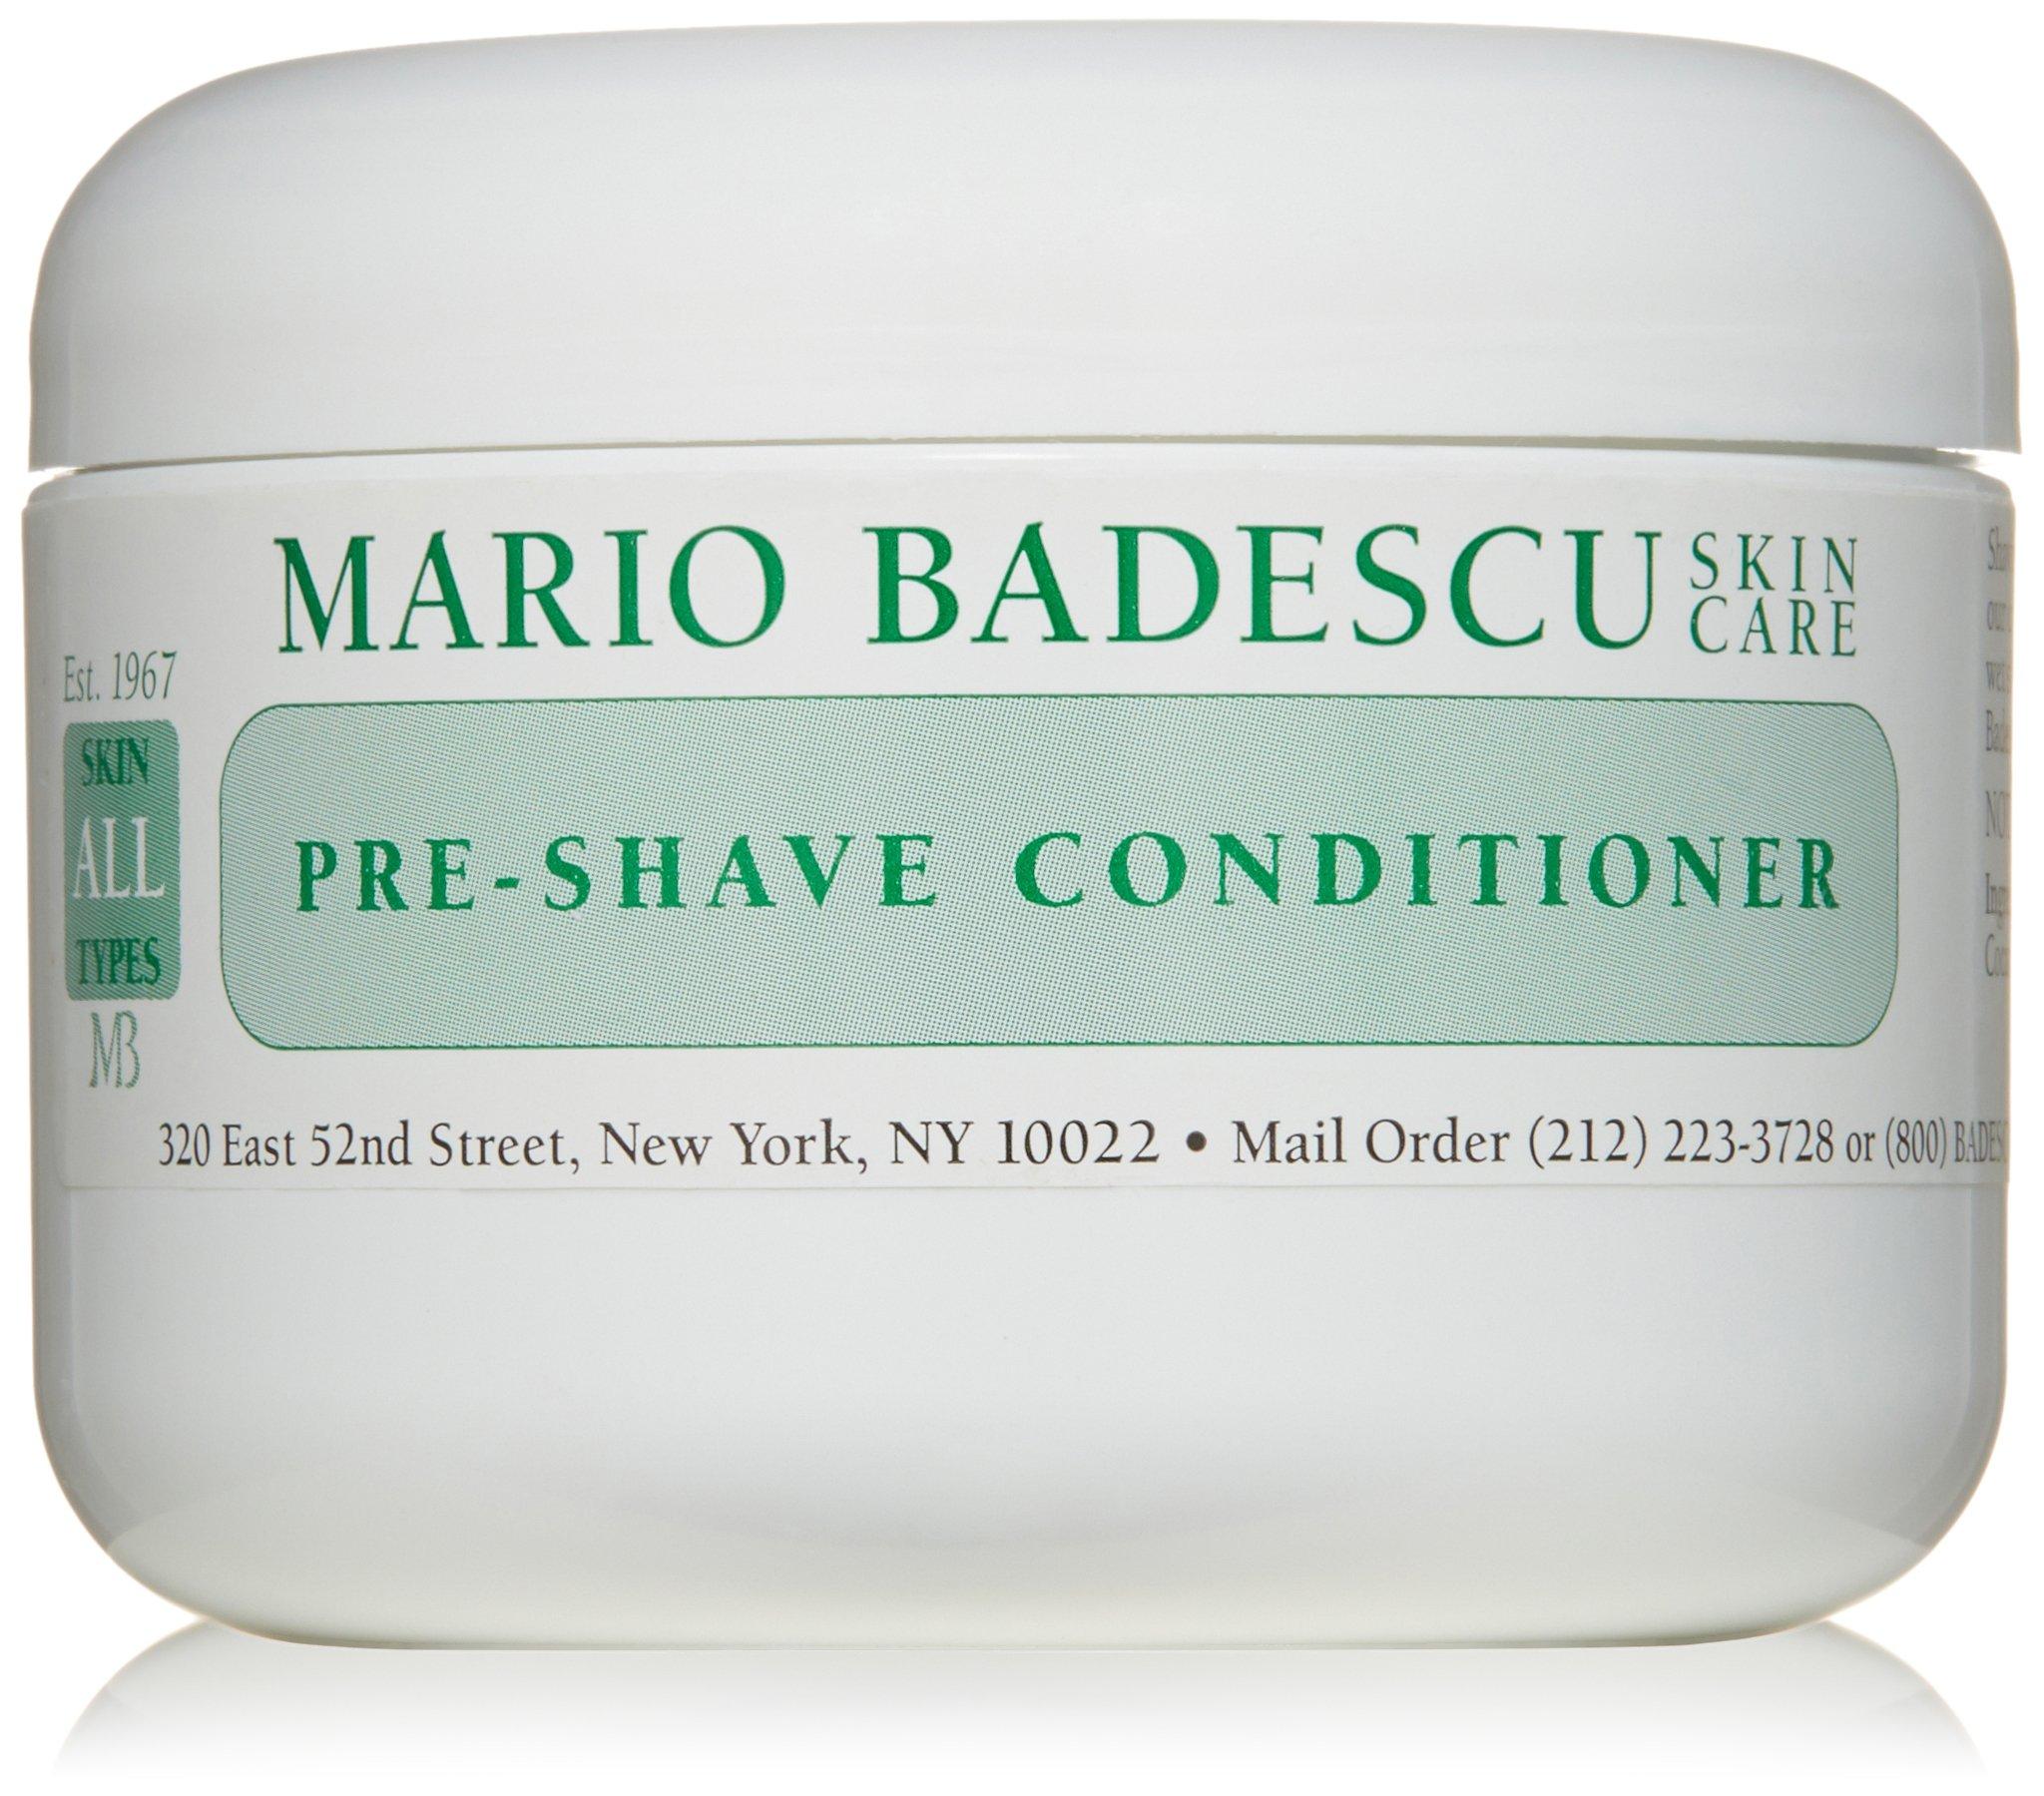 Mario Badescu Pre-Shave Conditioner, 8 oz.